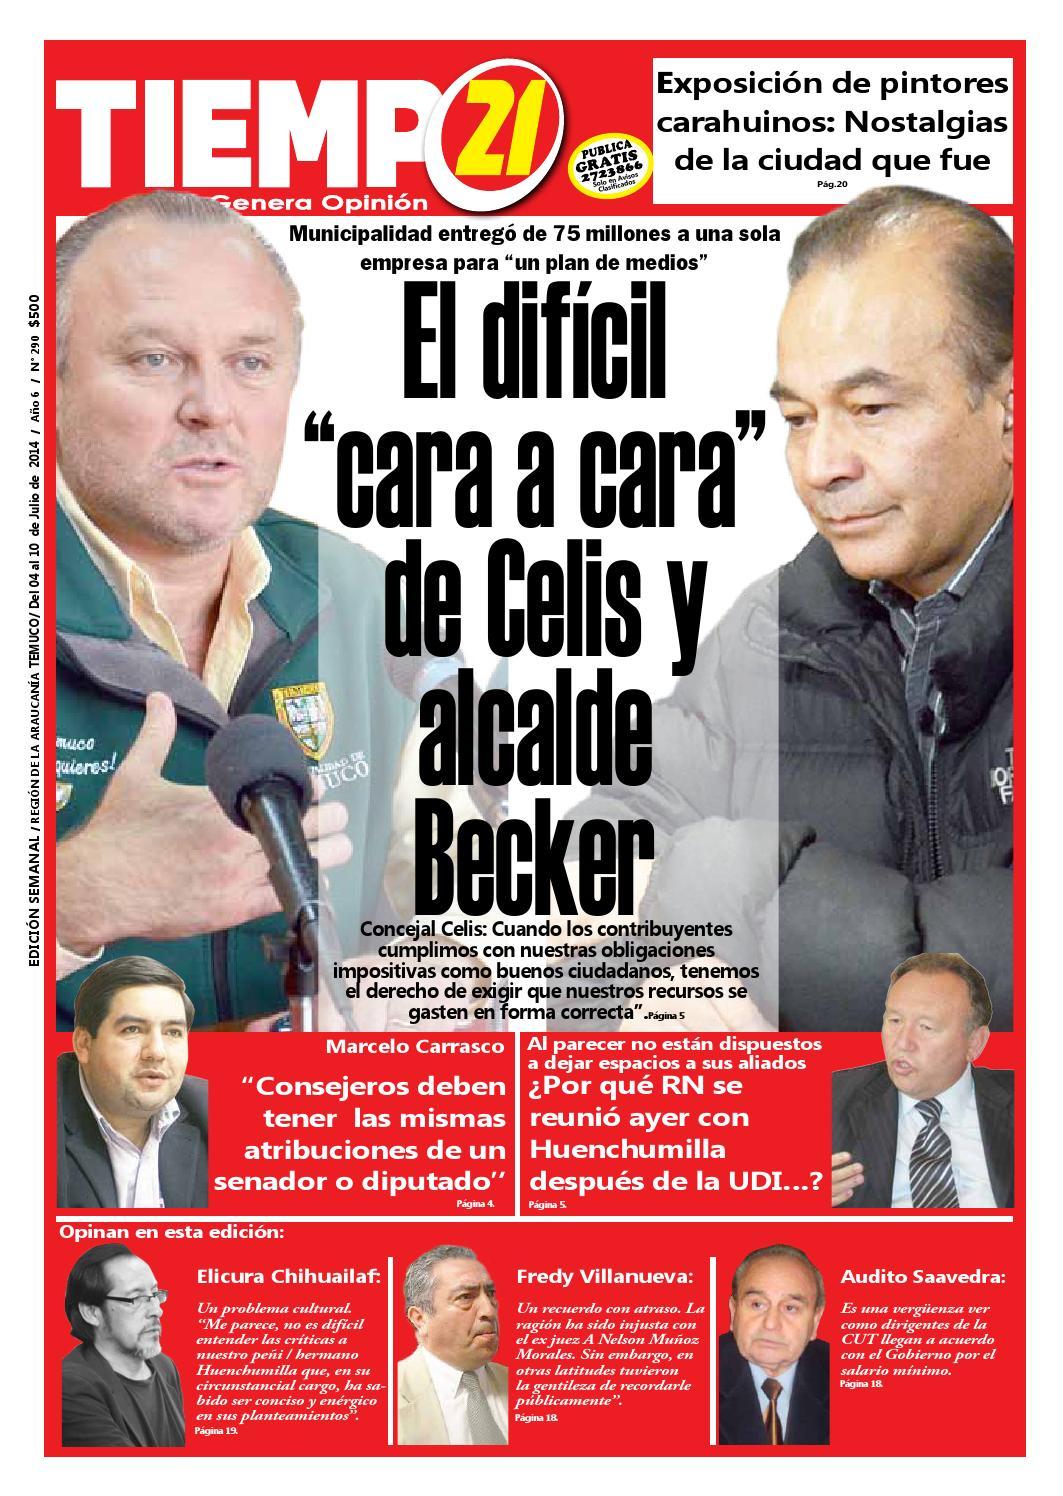 Edici N 290 El Dificil Cara A Cara De Celis Y Alcalde Becker By  # Muebles Caupolican San Carlos